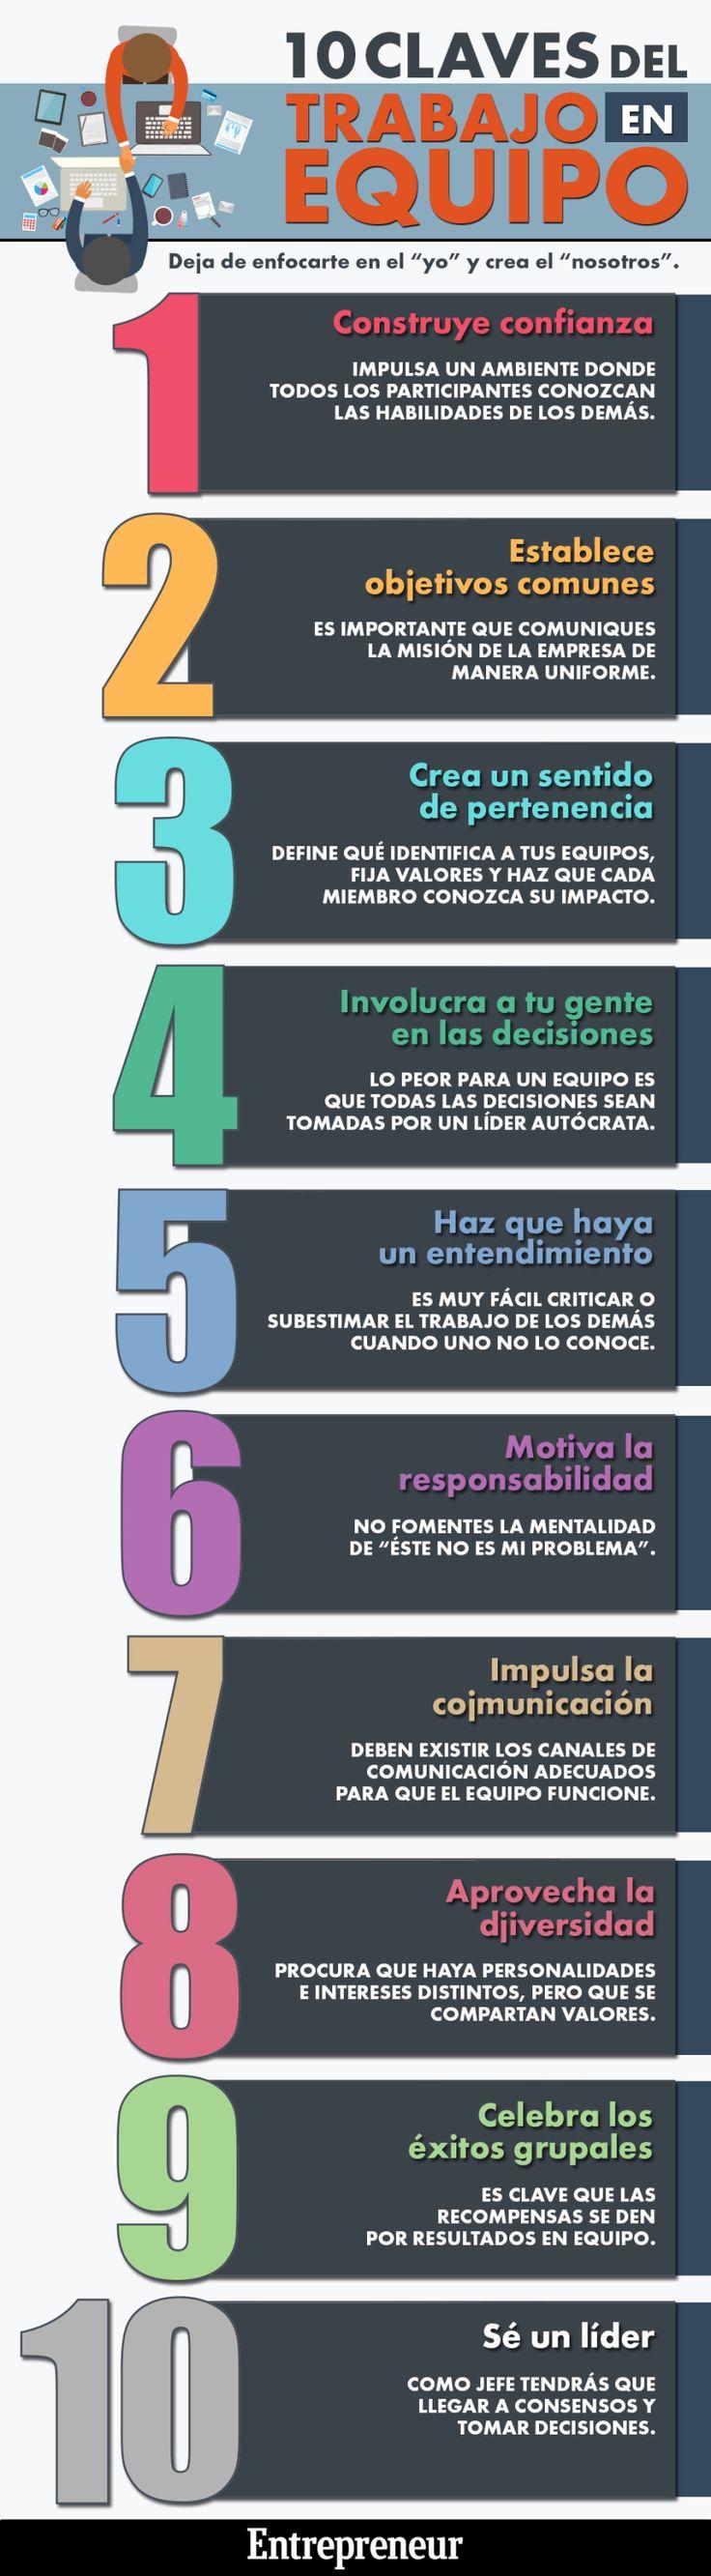 10 claves del trabajo en equipo #infografia #infographic #rrhh